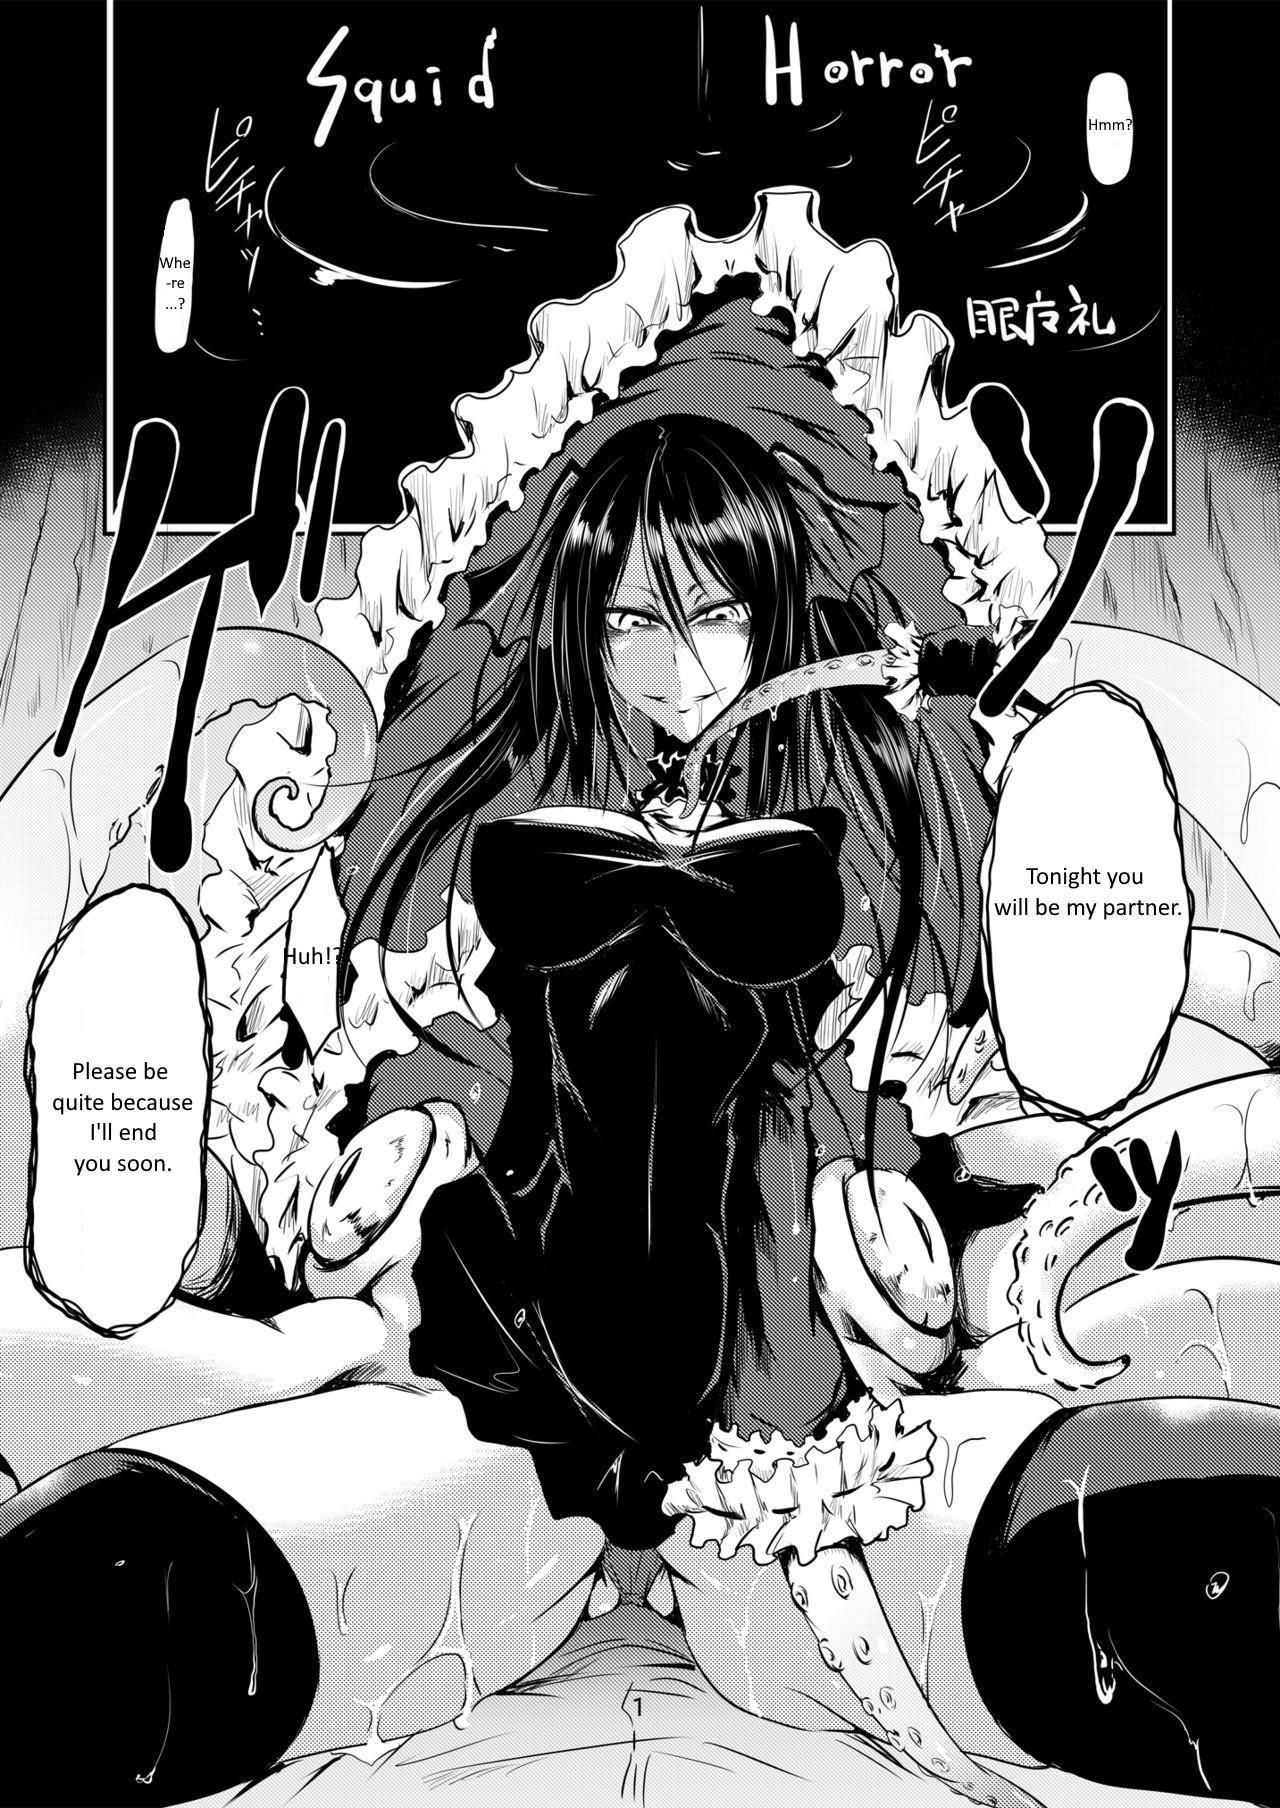 Hentai horror